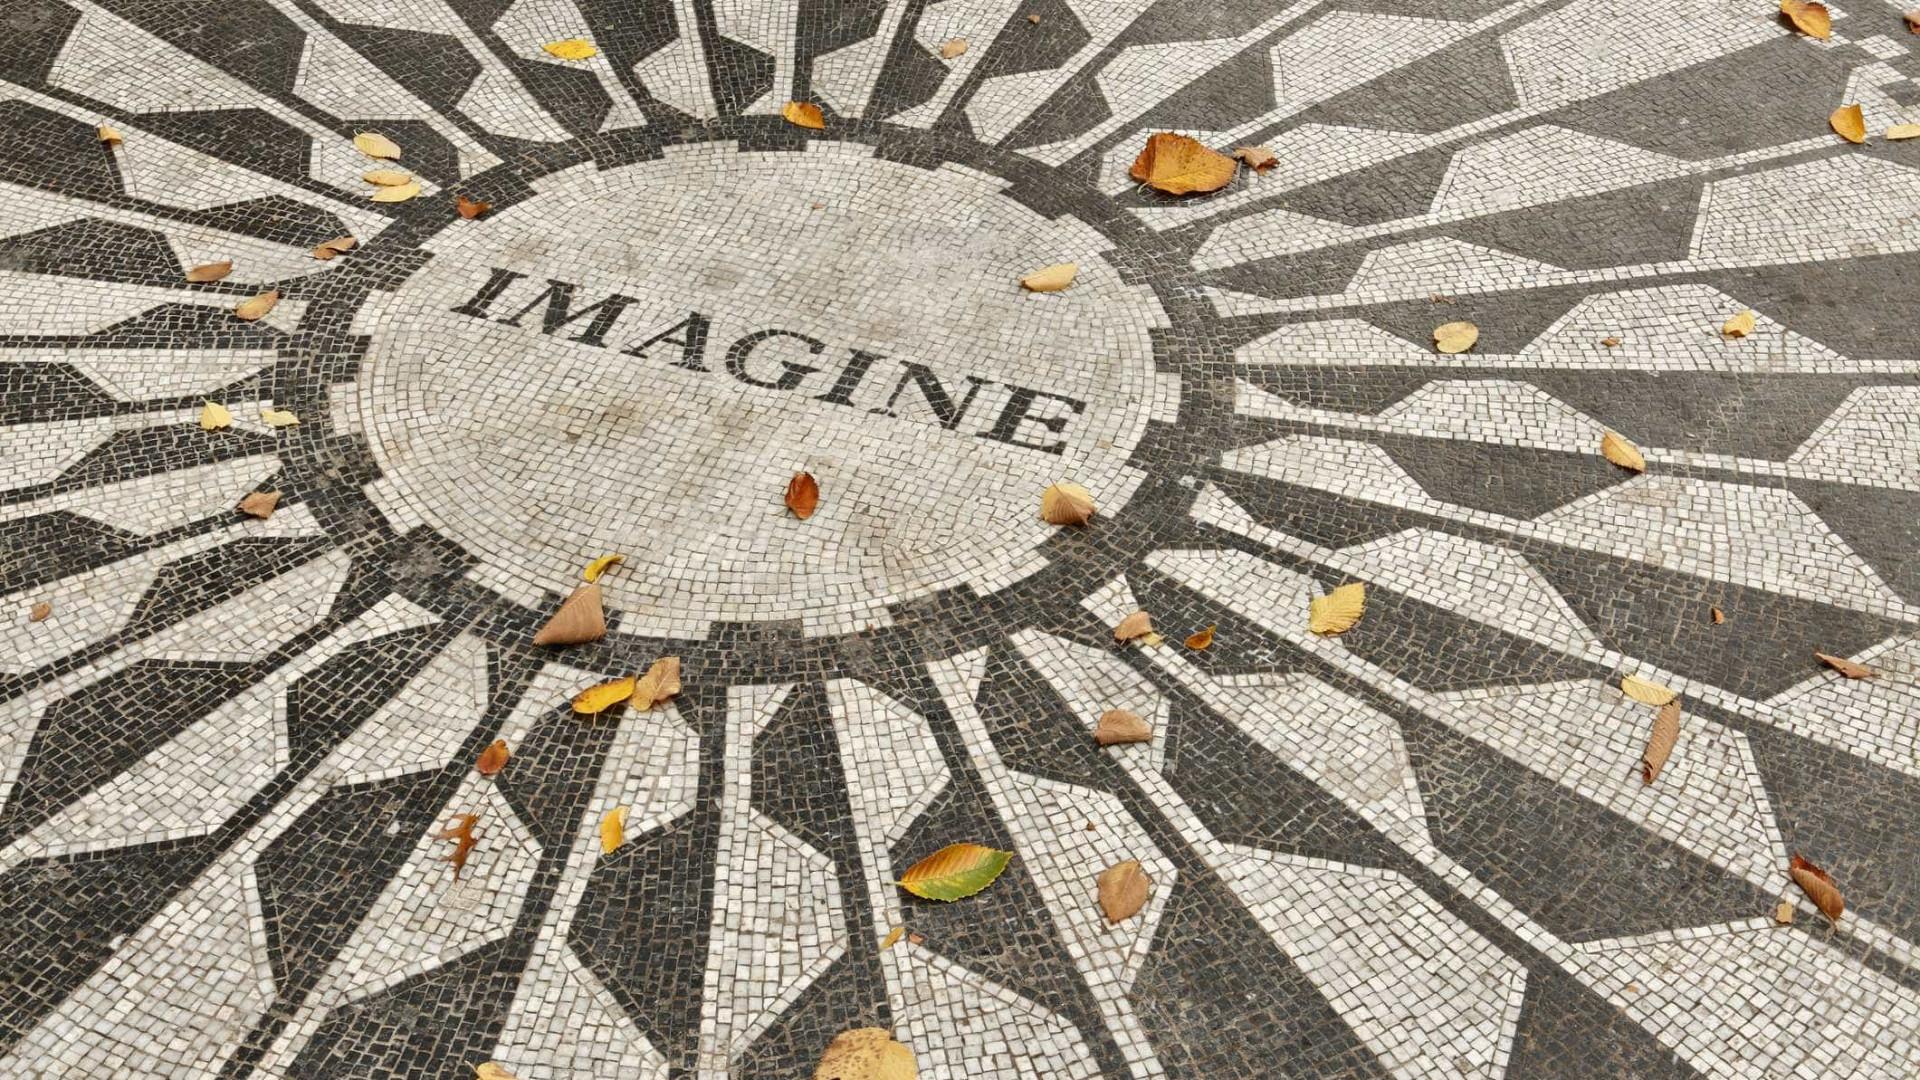 Canção 'Imagine', de John Lennon, revisitada em livro infantil